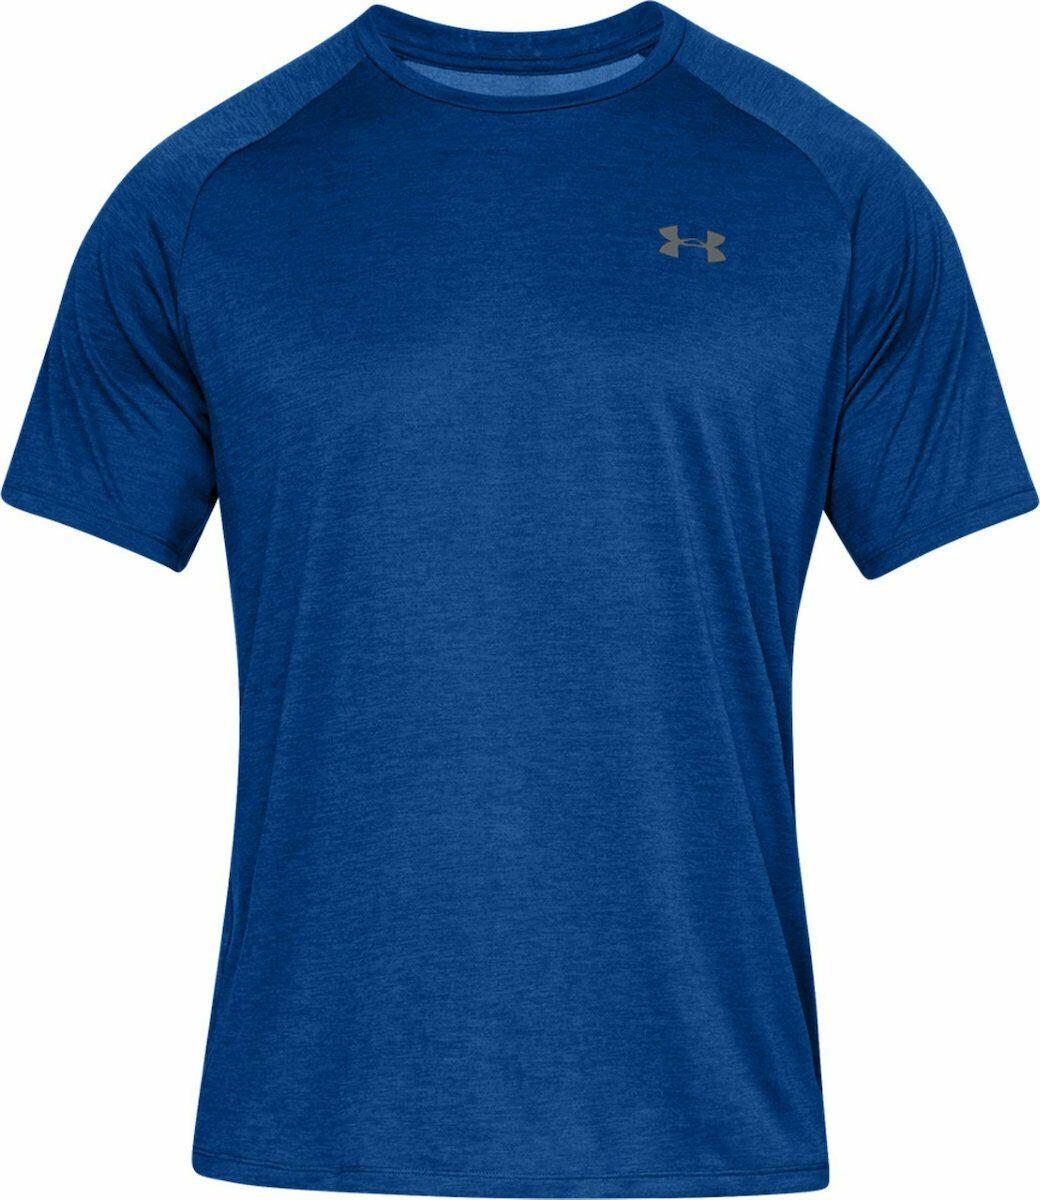 Details about under armour t shirt heatgear short sleeve